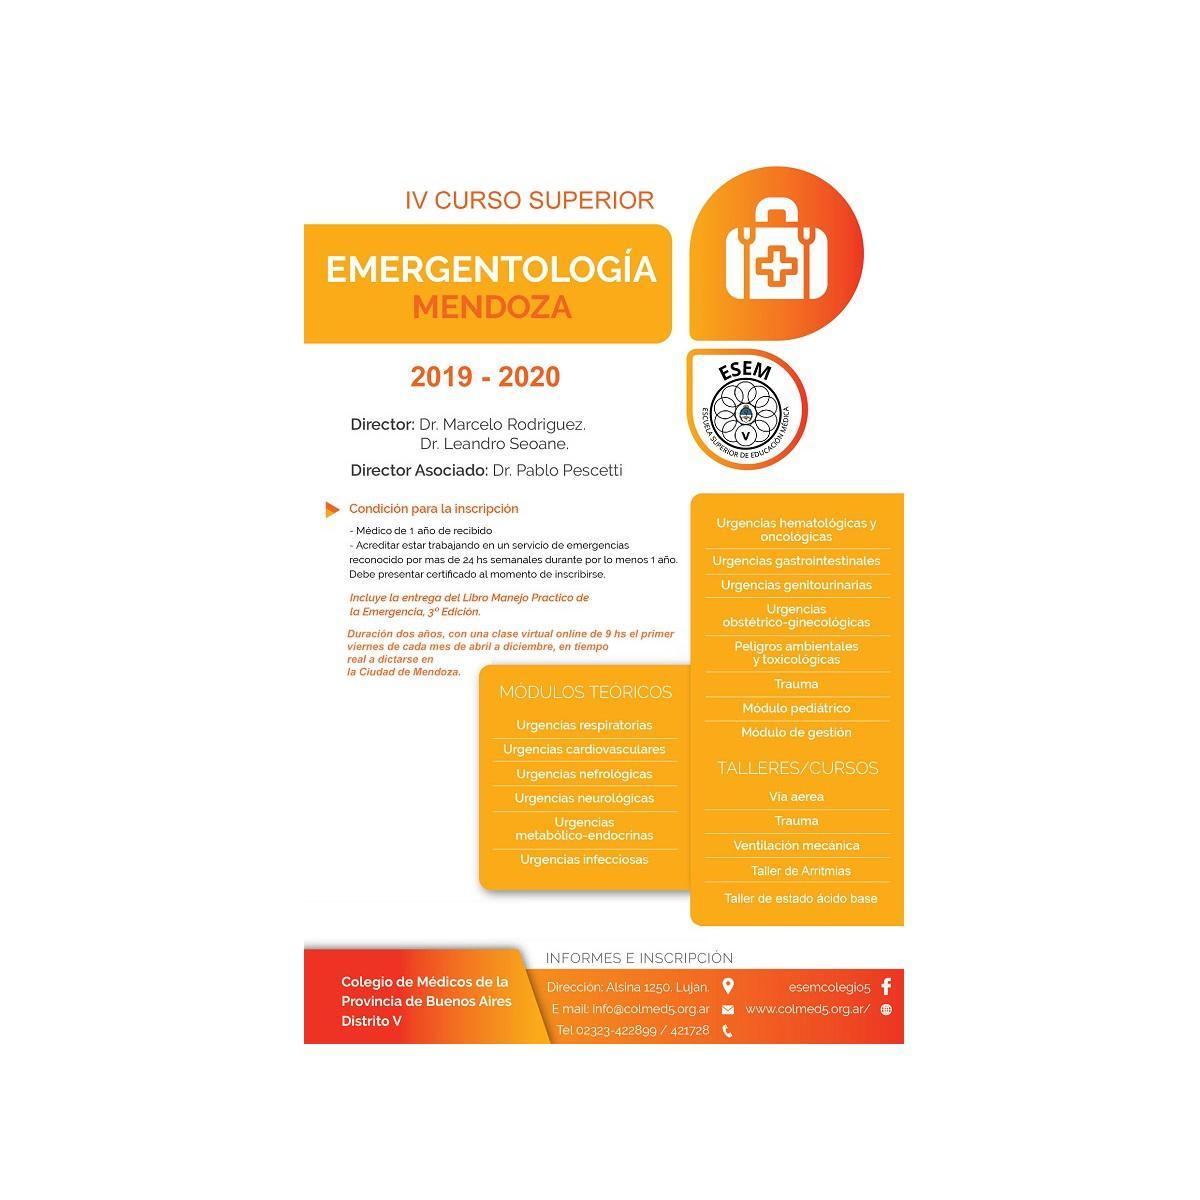 COLEGIO DE MEDICOS DE LA PCIA DE BS AS - DIST V